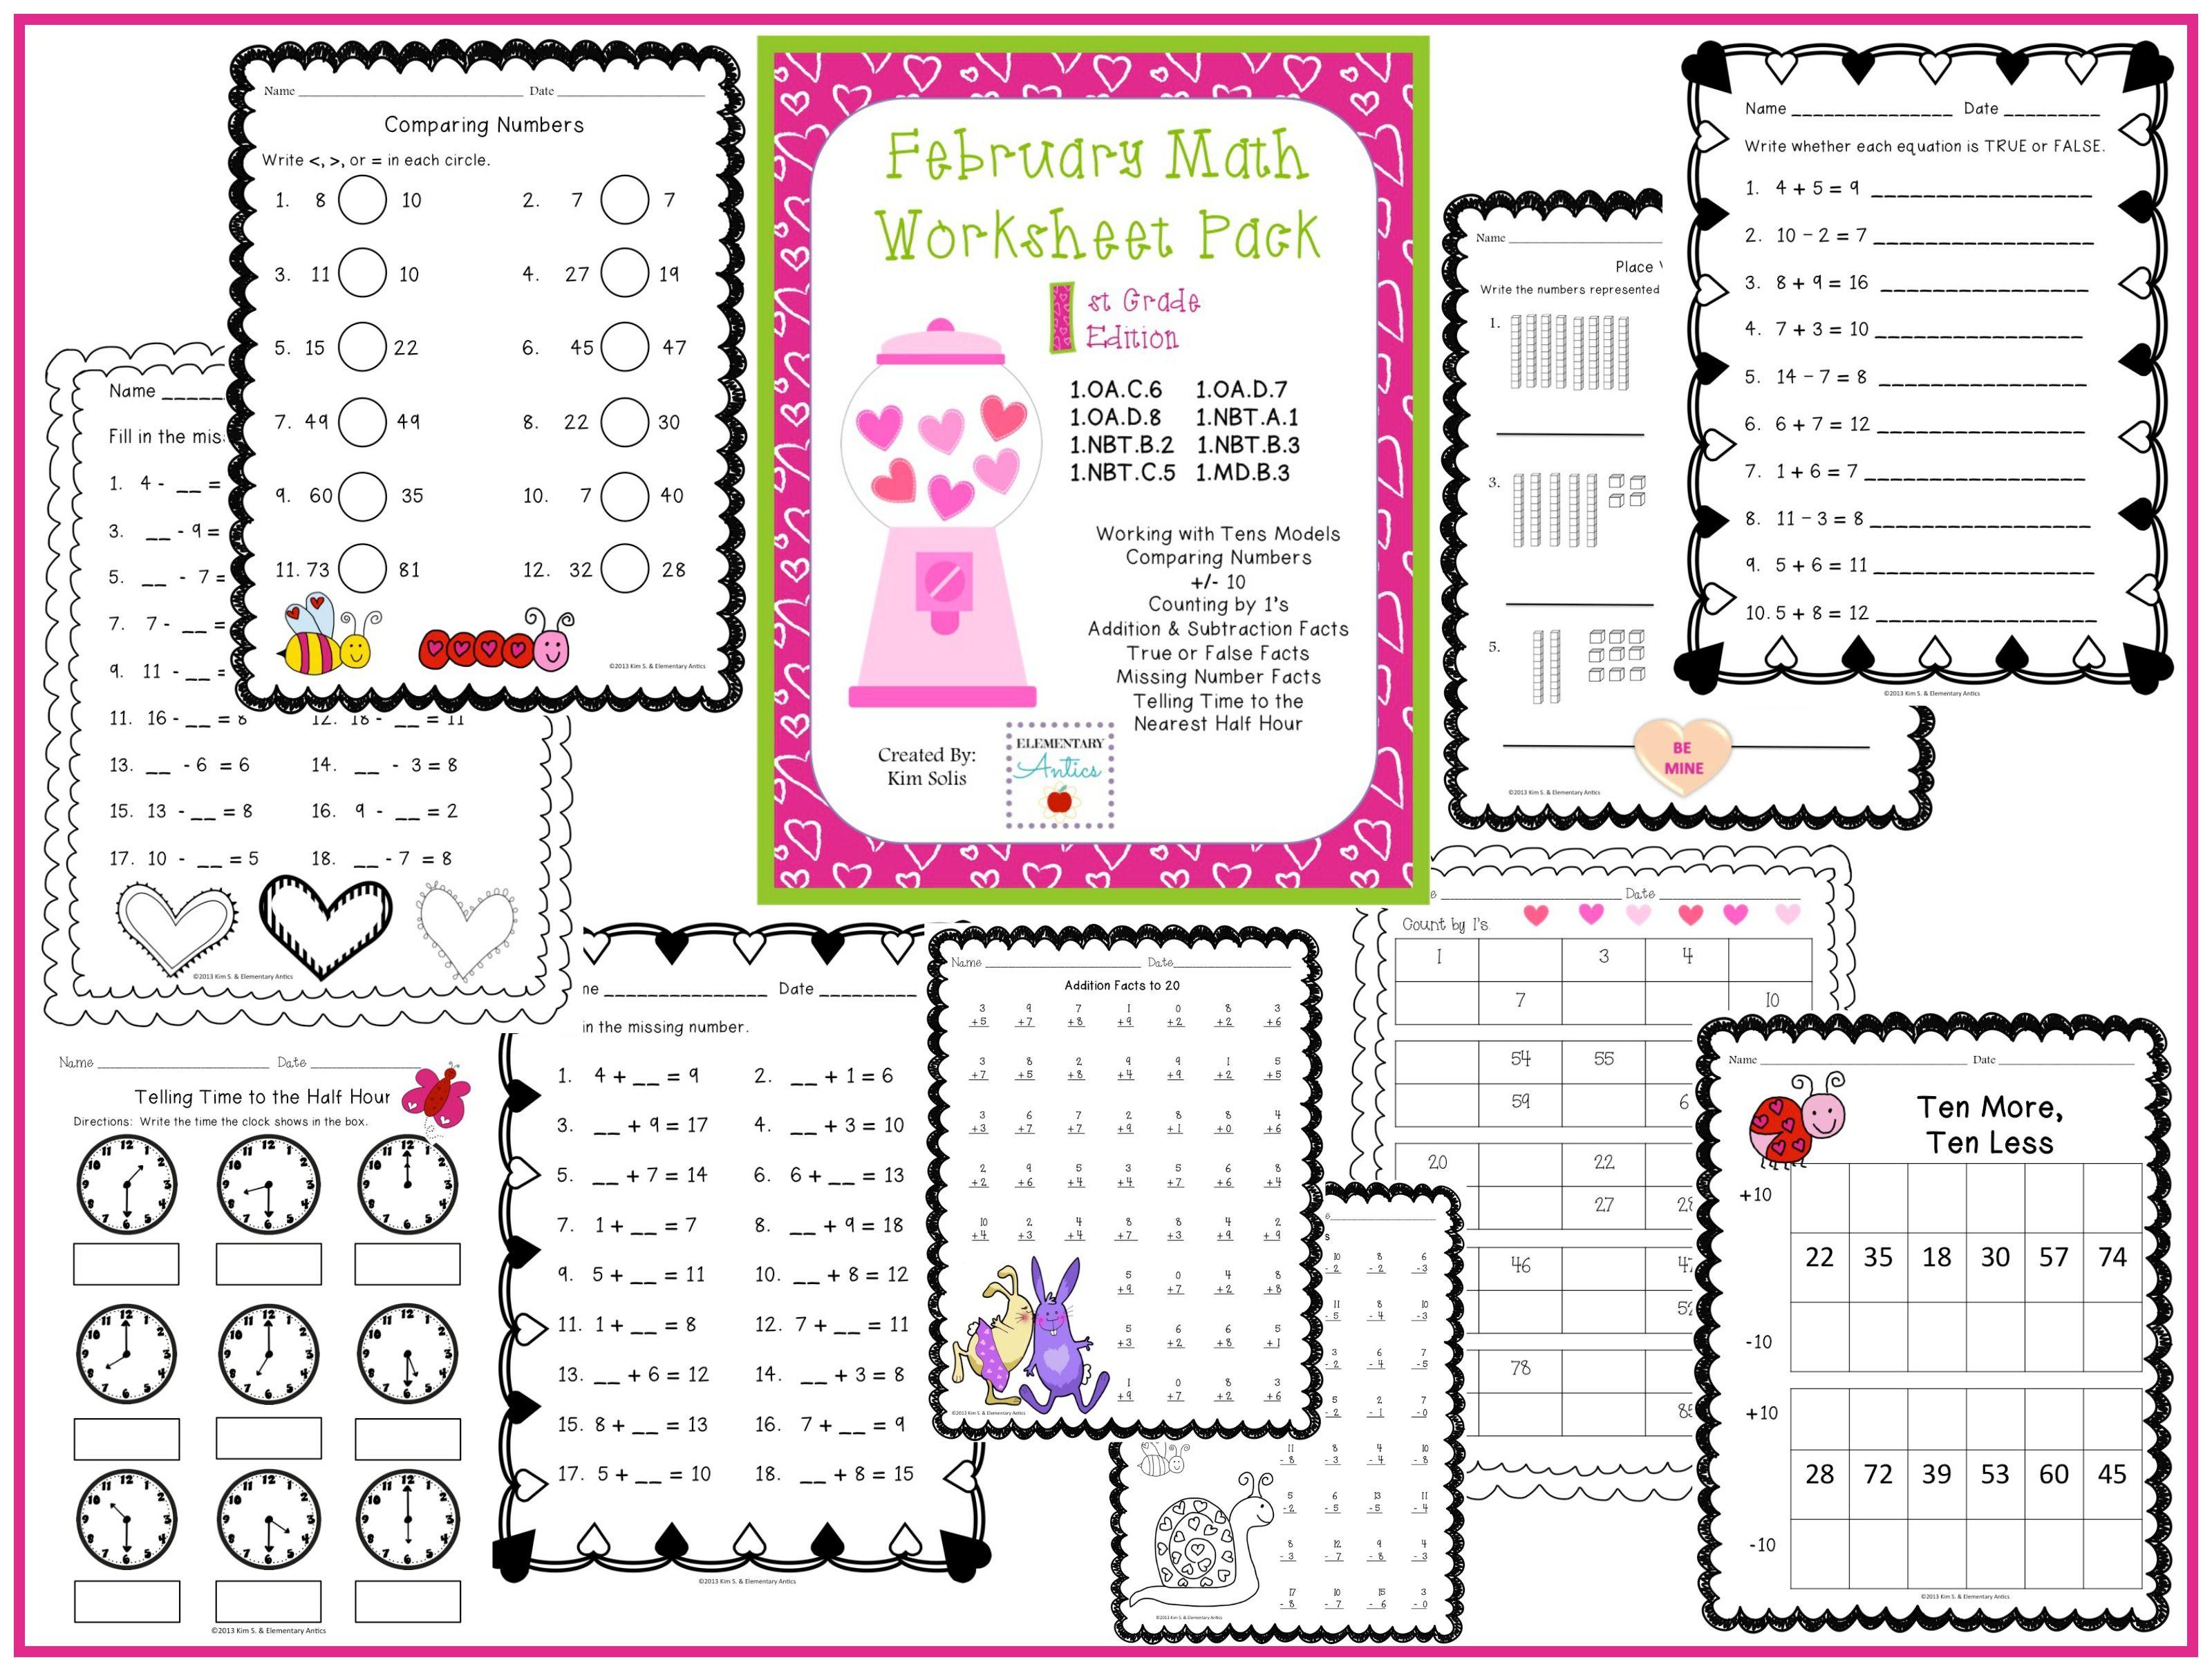 February Math Worksheet Pack 1st Grade